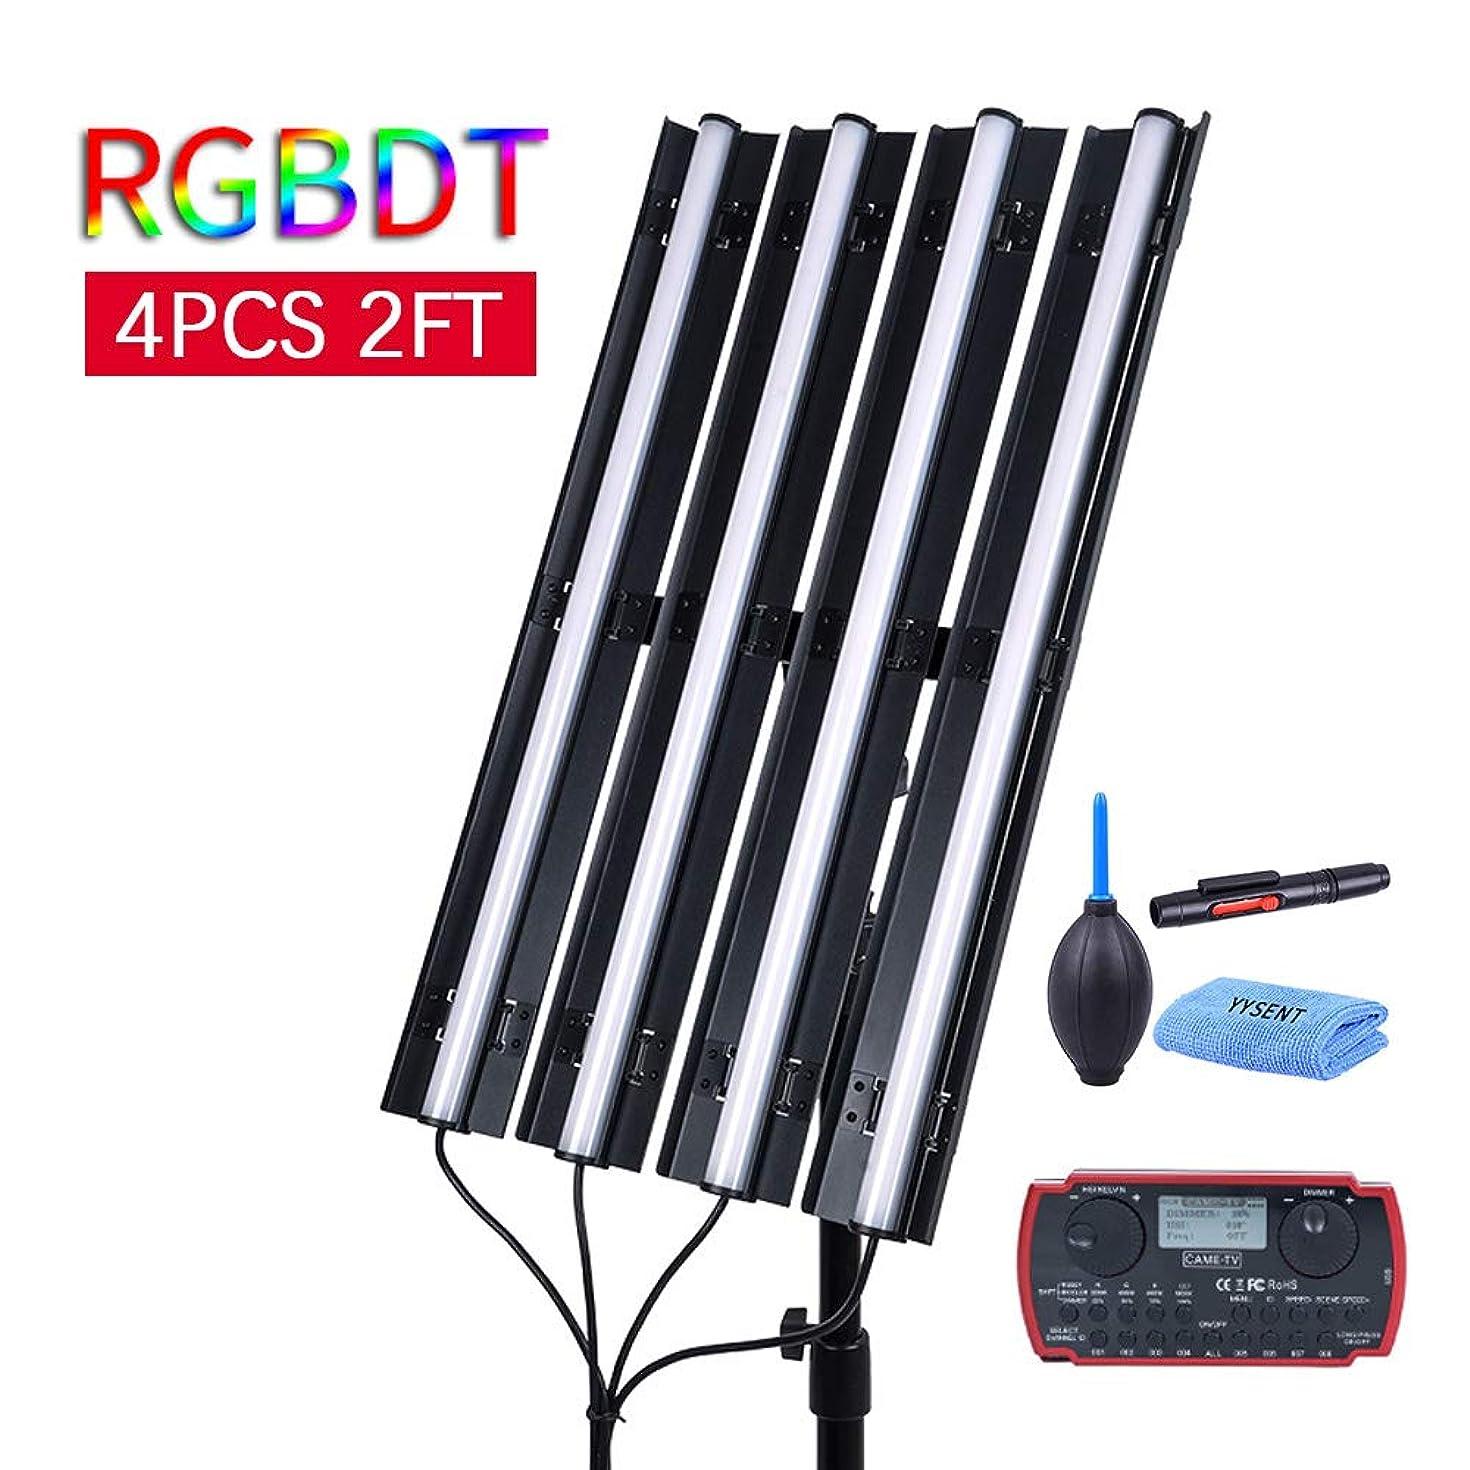 CAME-TV 2FTR4 Boltzen Andromeda RGBDT Slim Tube LED Video Lighting Kit 4 Pack 2FT-R Lights Ice Light Wand